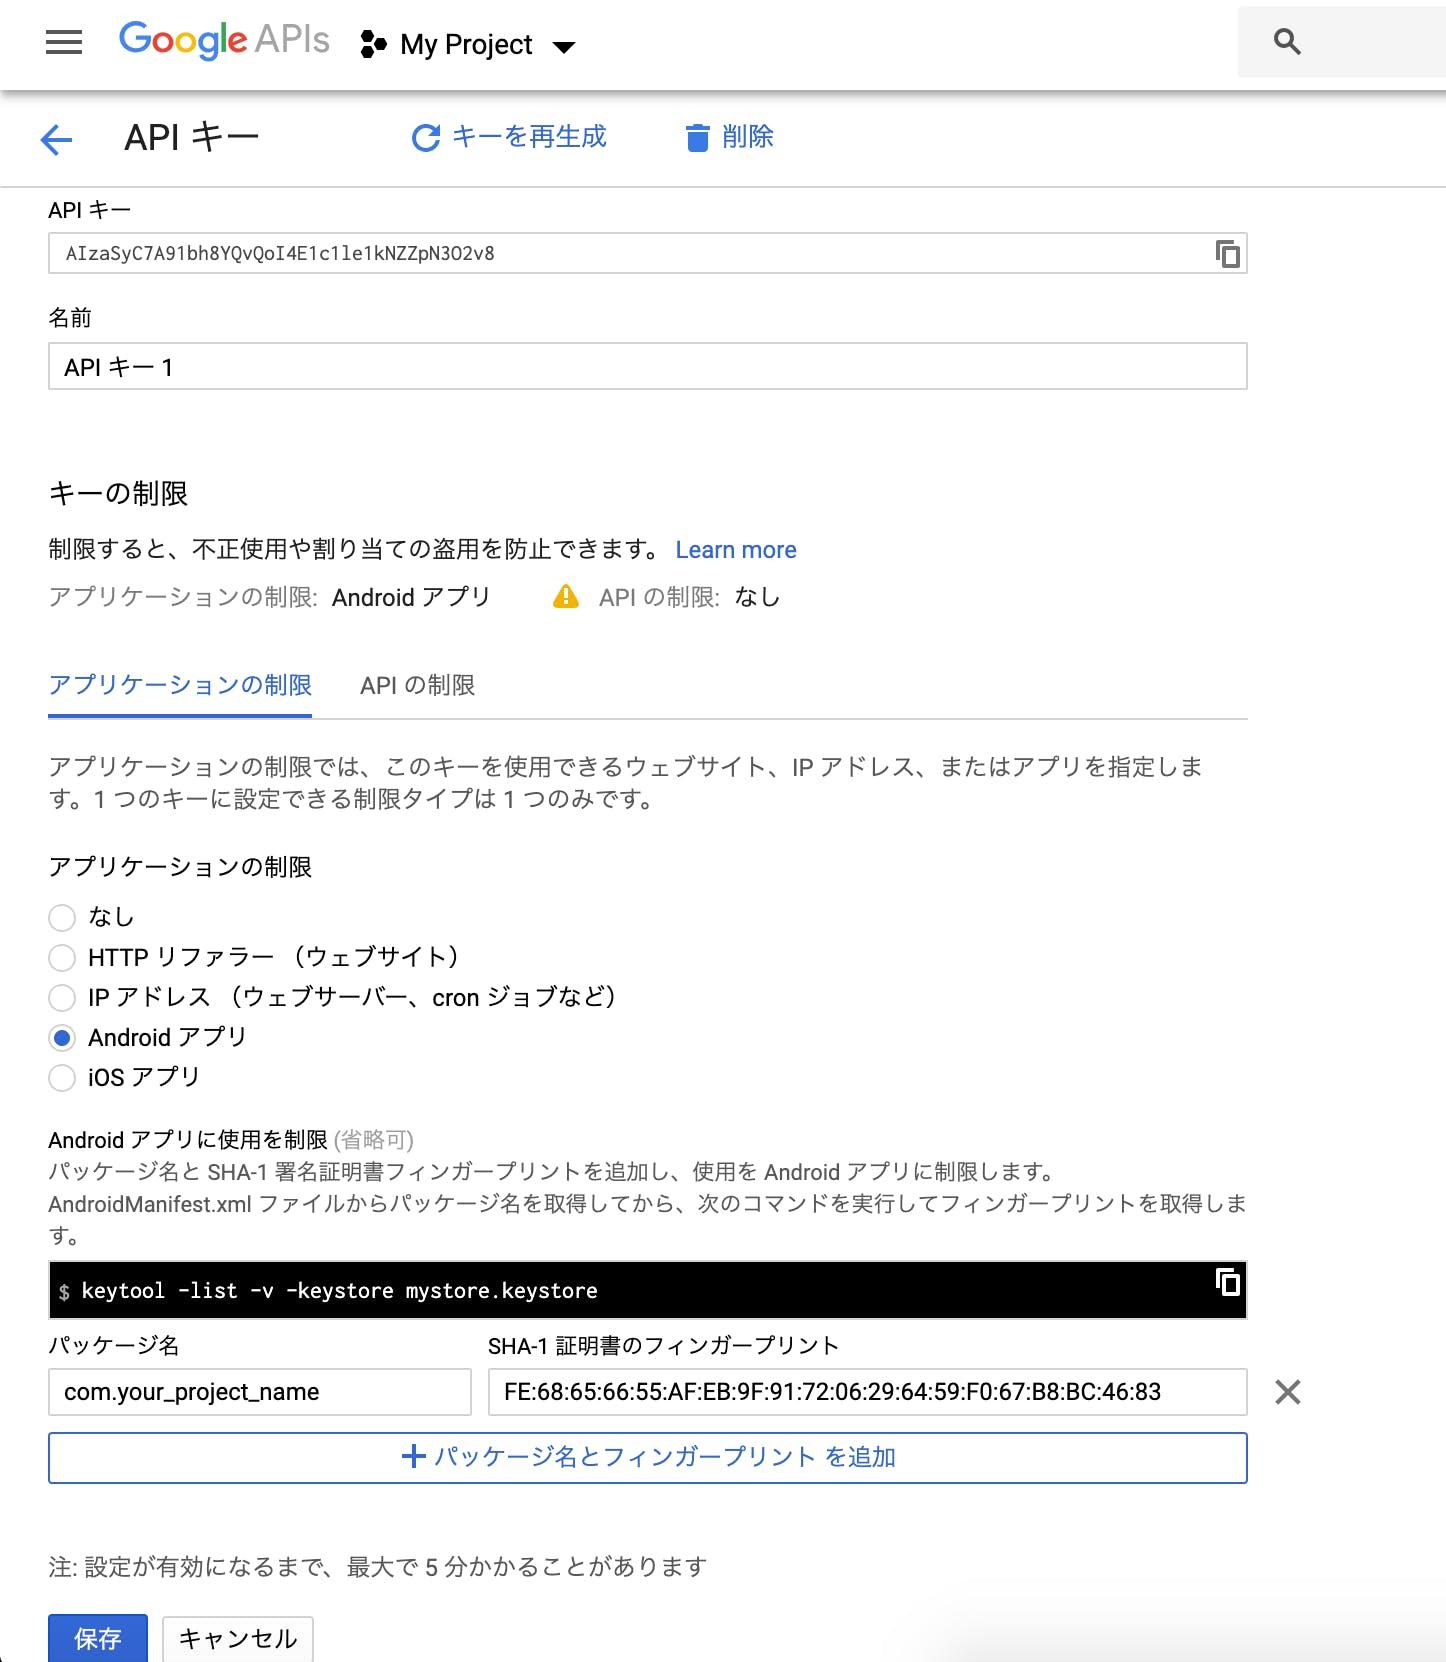 スクリーンショット 2019-03-31 23.01.49.png